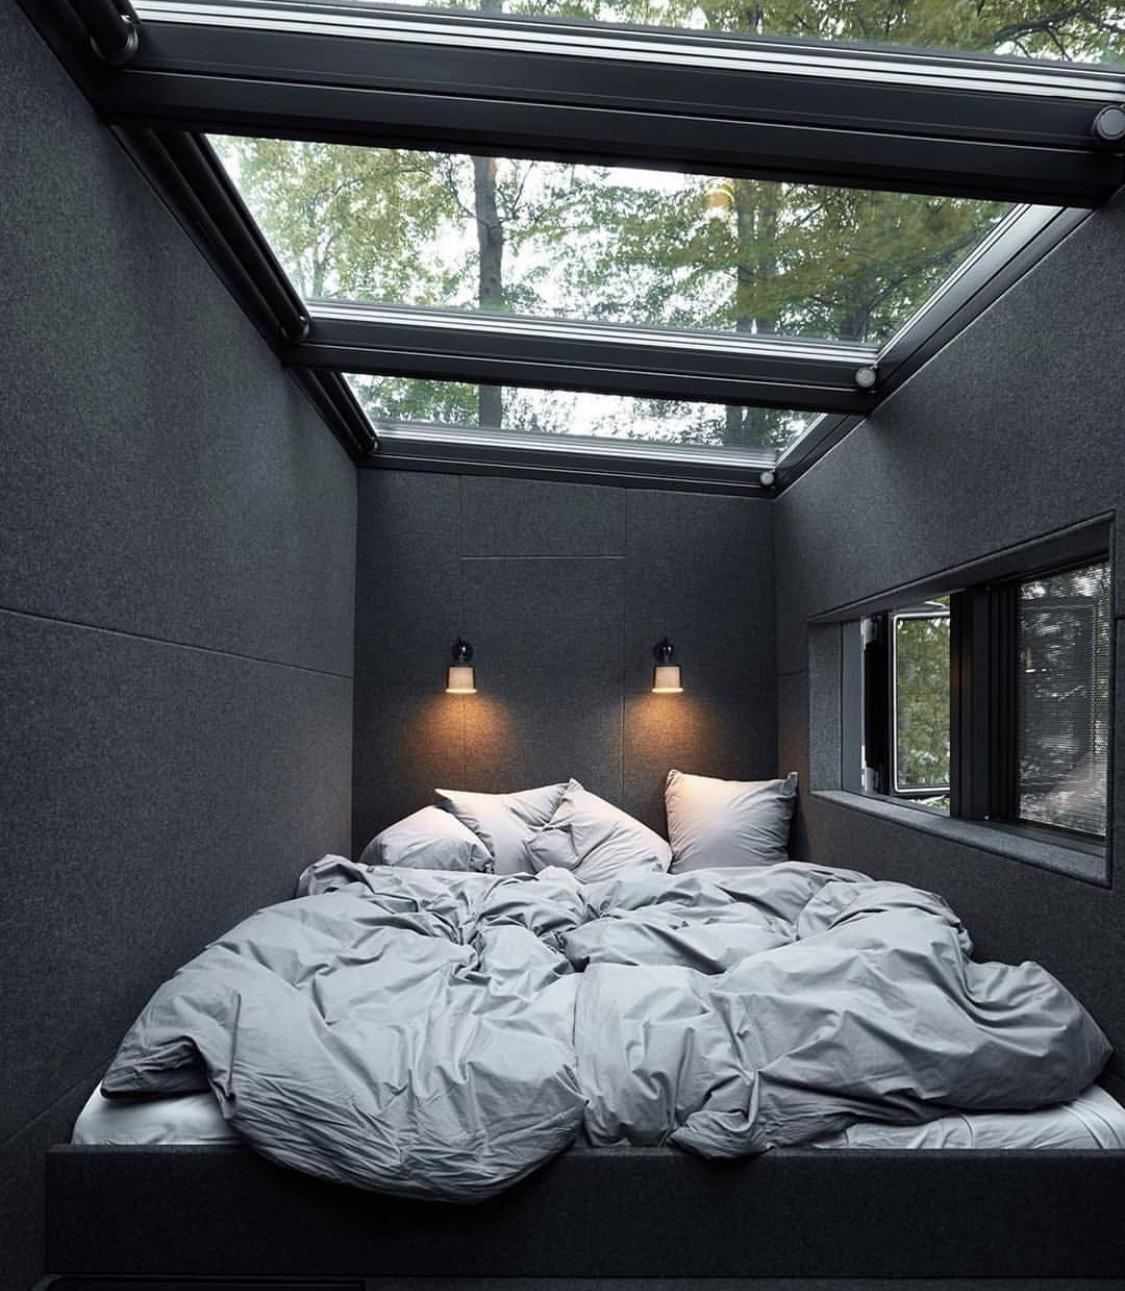 Wenn der Schlaf tief und regenerierend sein soll, braucht es ein entsprechendes Umfeld. Dieses Schlafzimmer bietet zuwenig Ruhe und Stabilität.